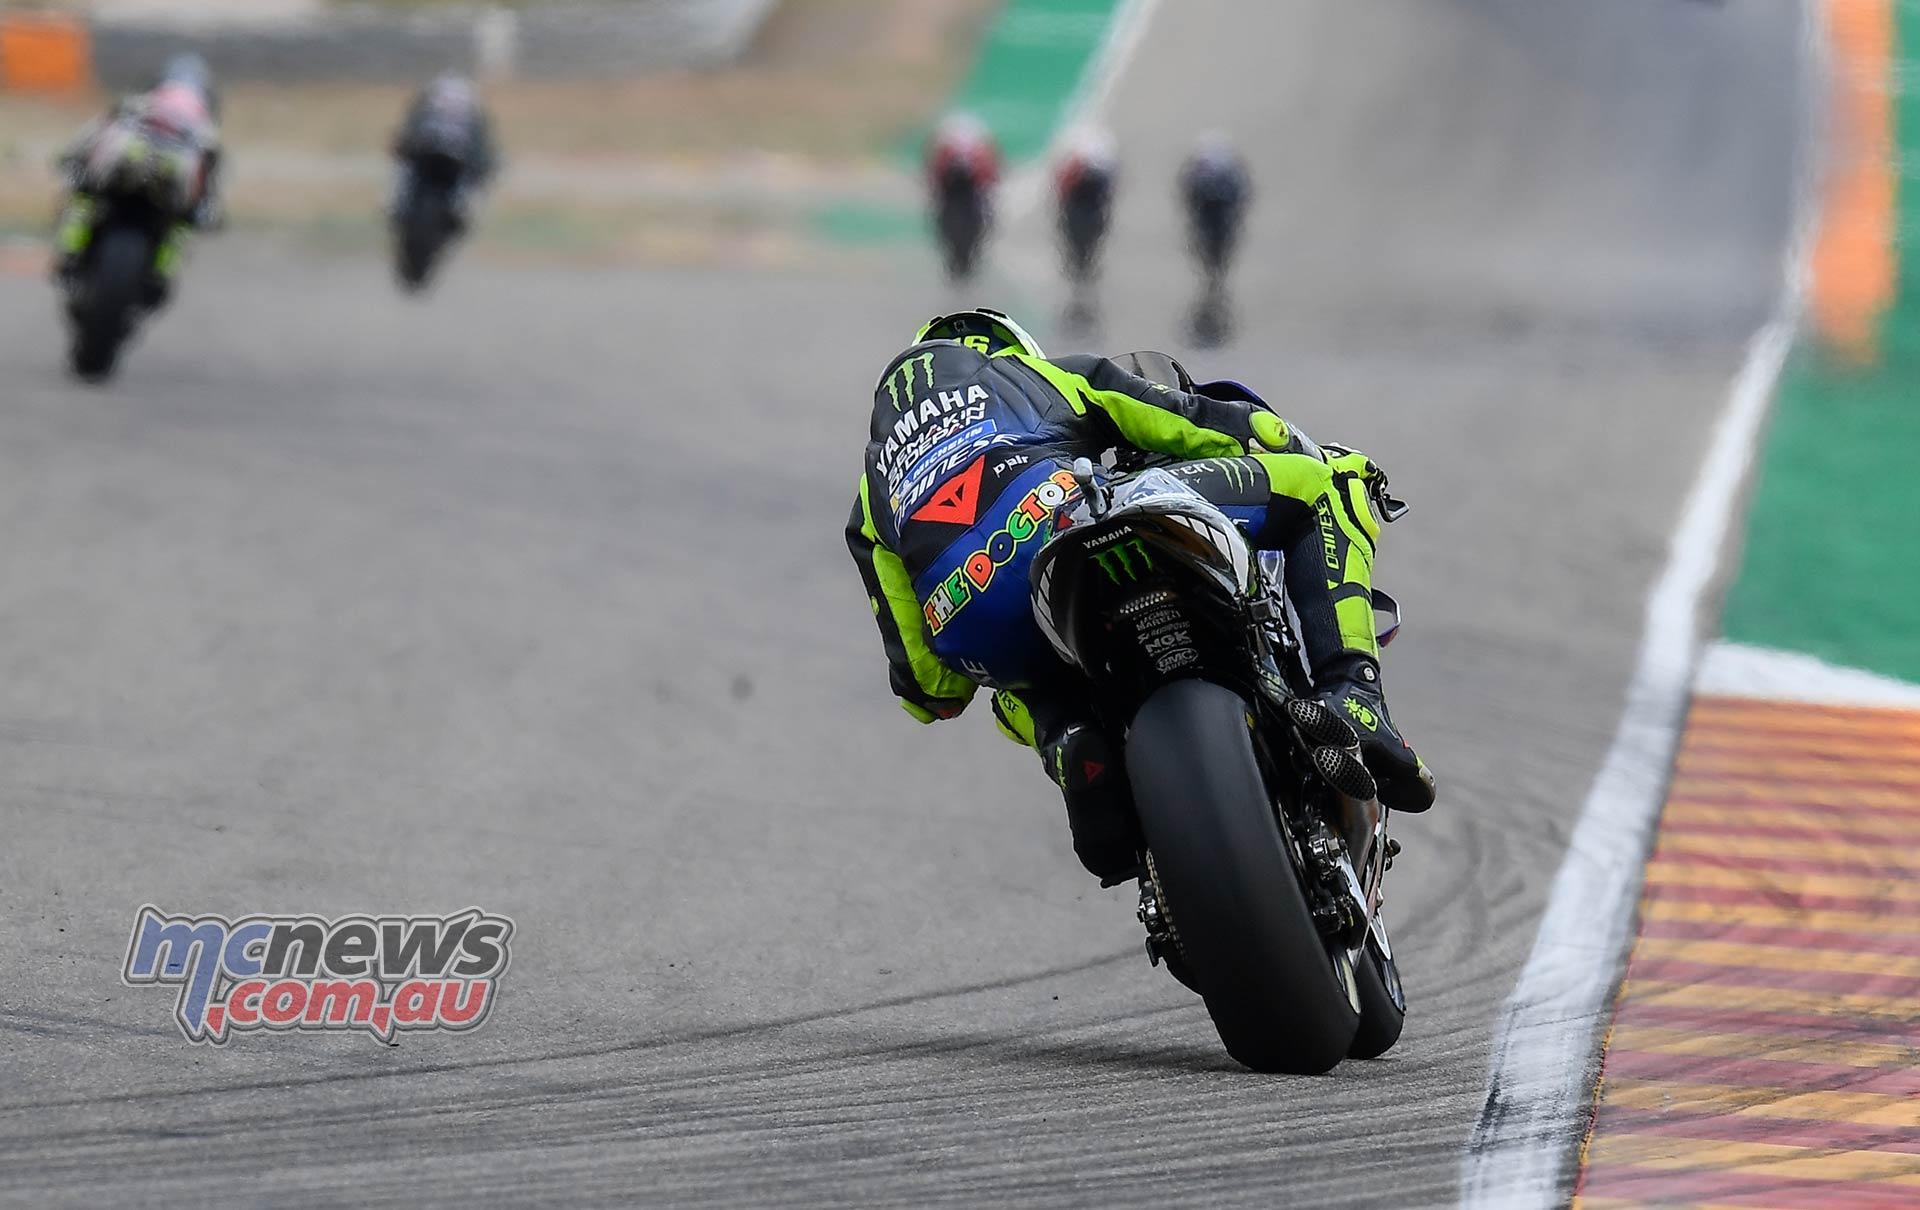 MotoGP Rnd Aragon Rossi